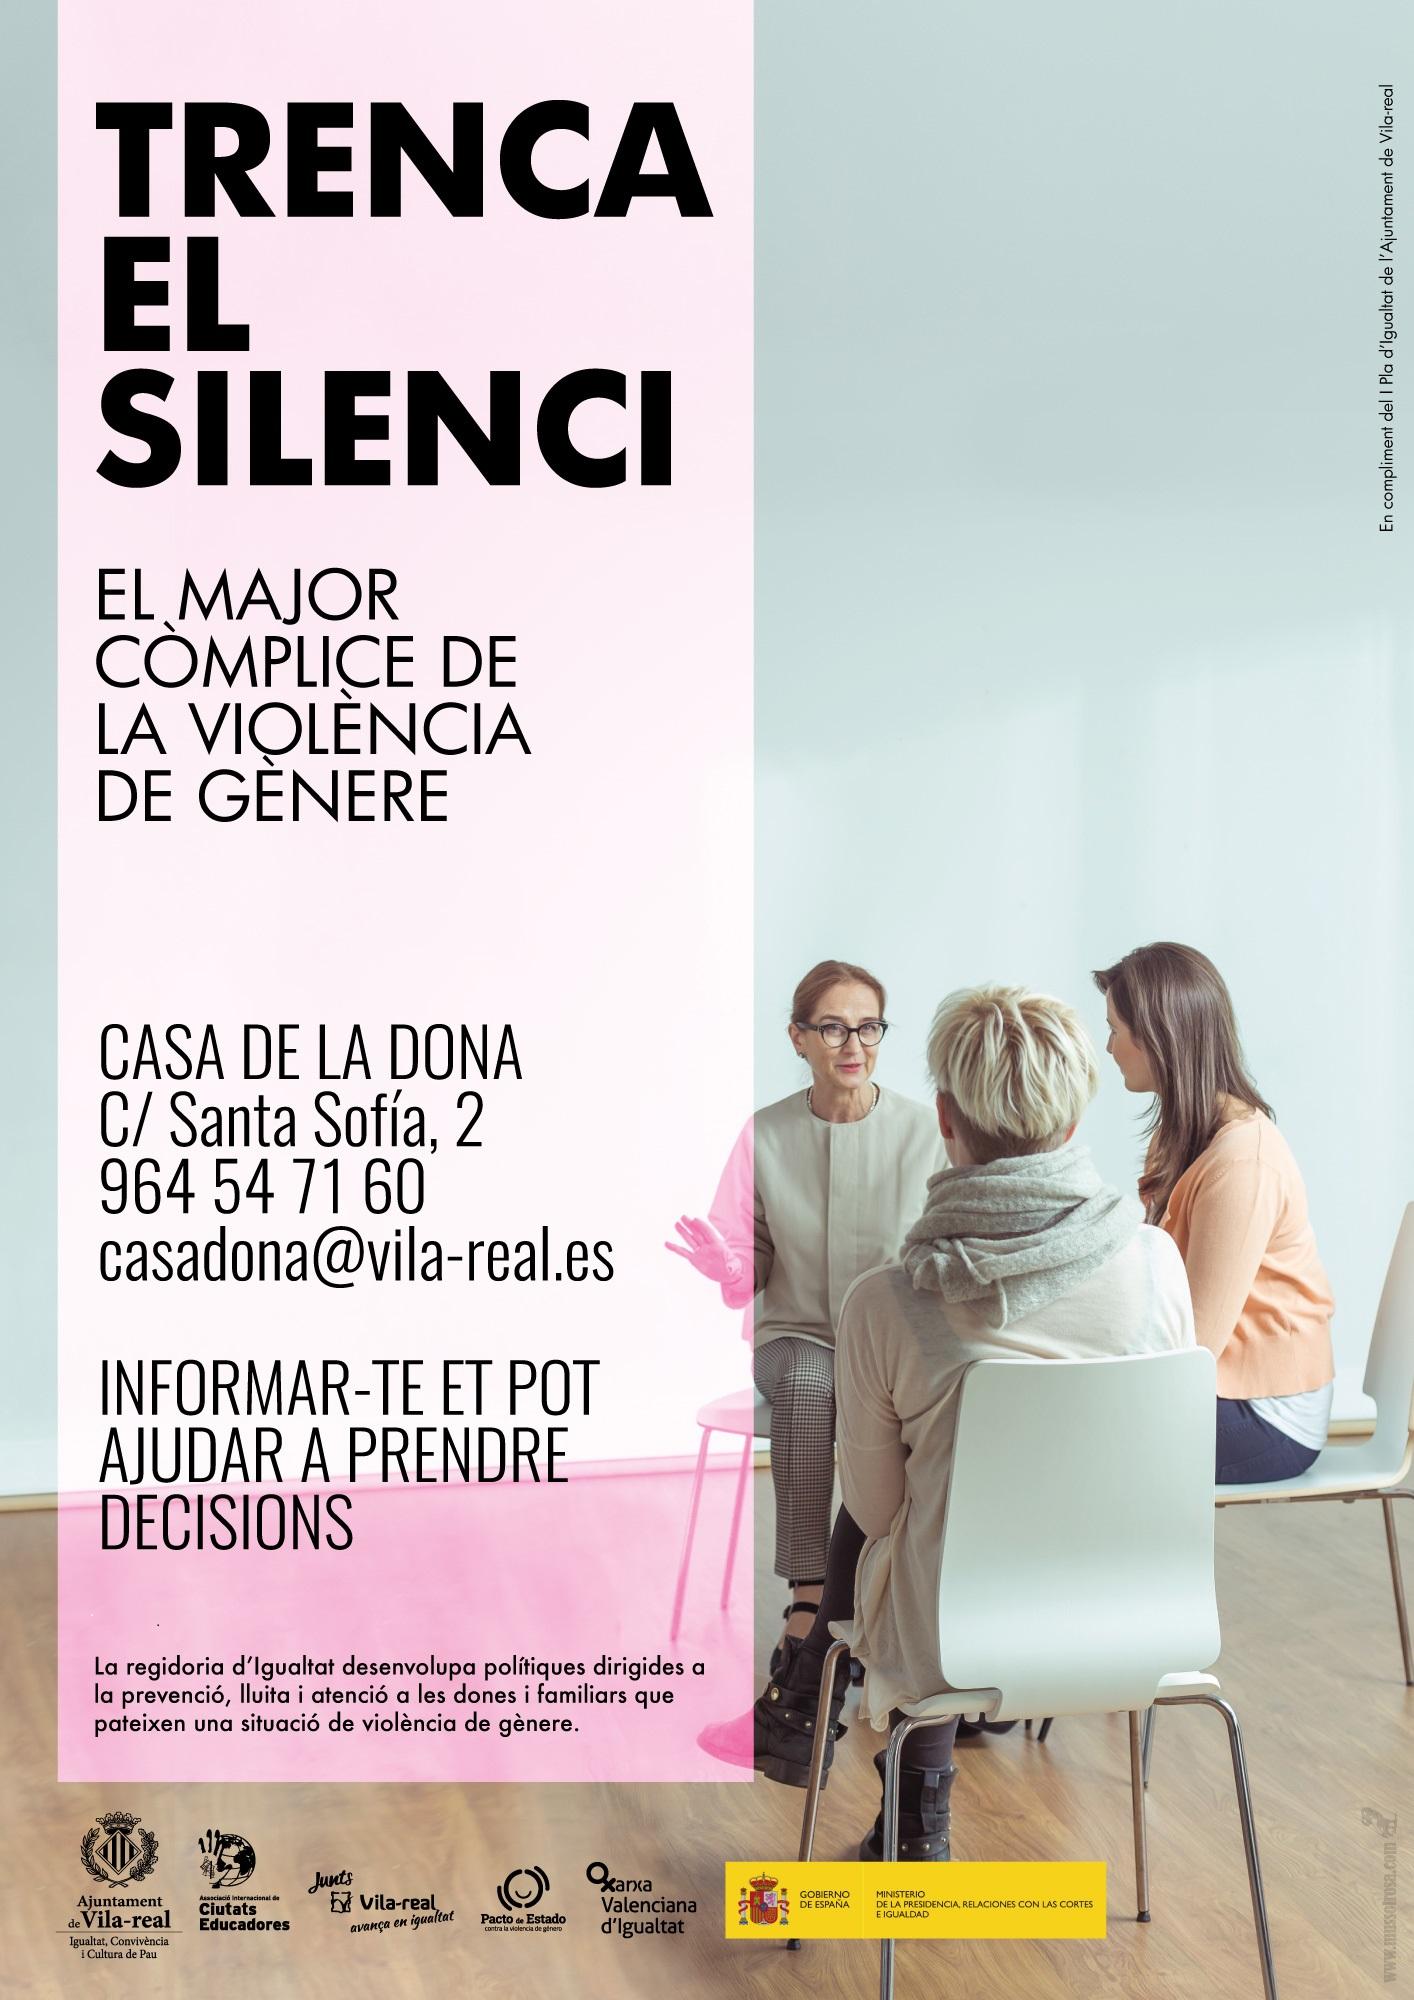 Igualdad anima a romper el silencio ante la violencia de género en Vila-real con una campaña de concienciación con motivo del 25-N